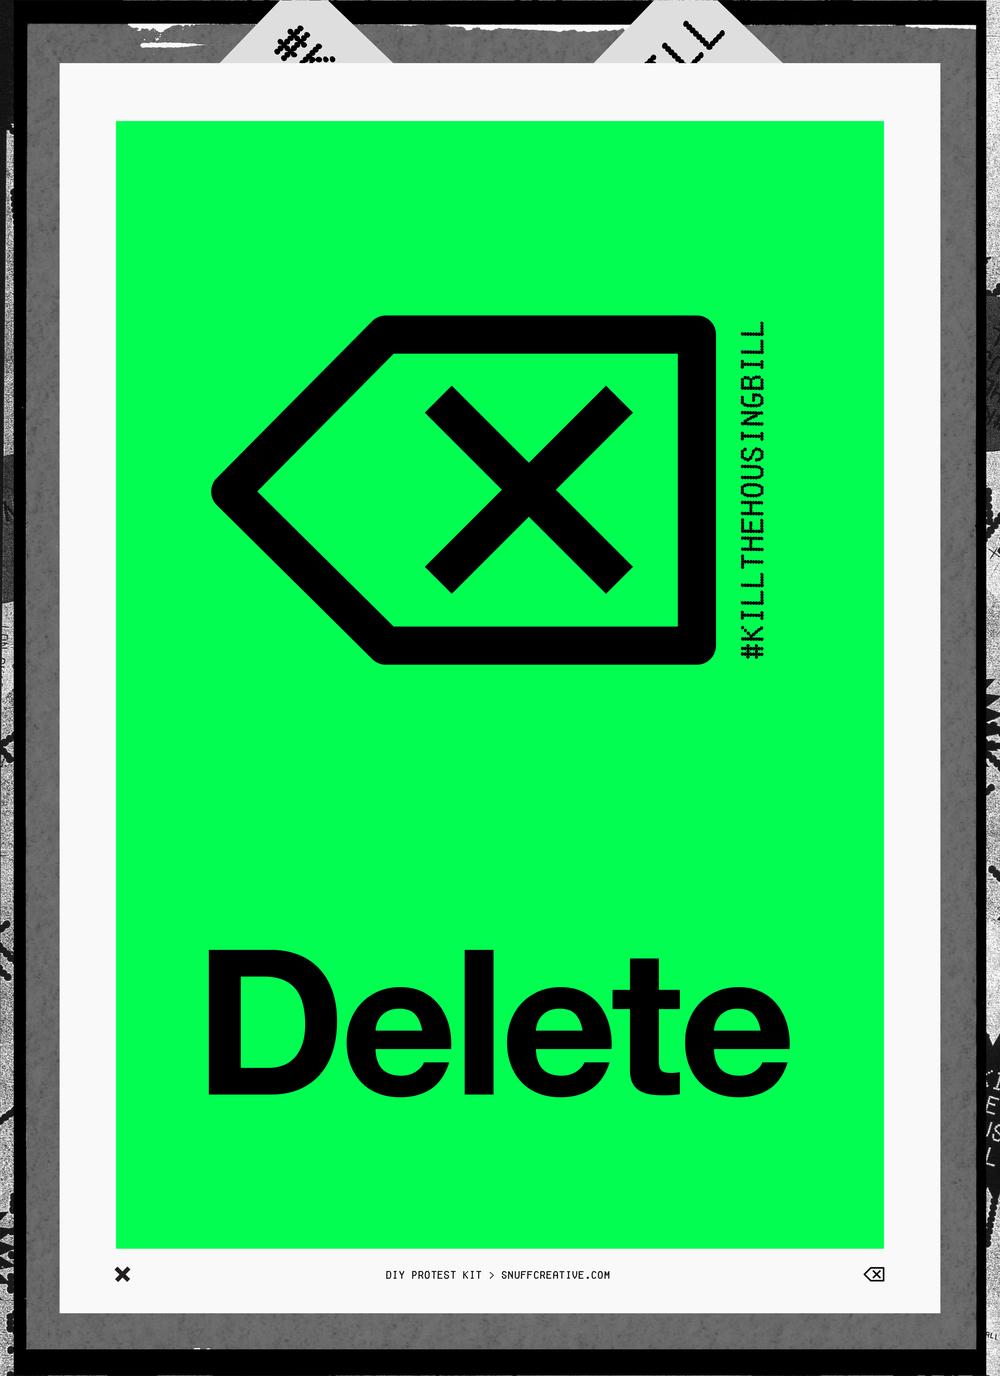 DELETE6.jpg